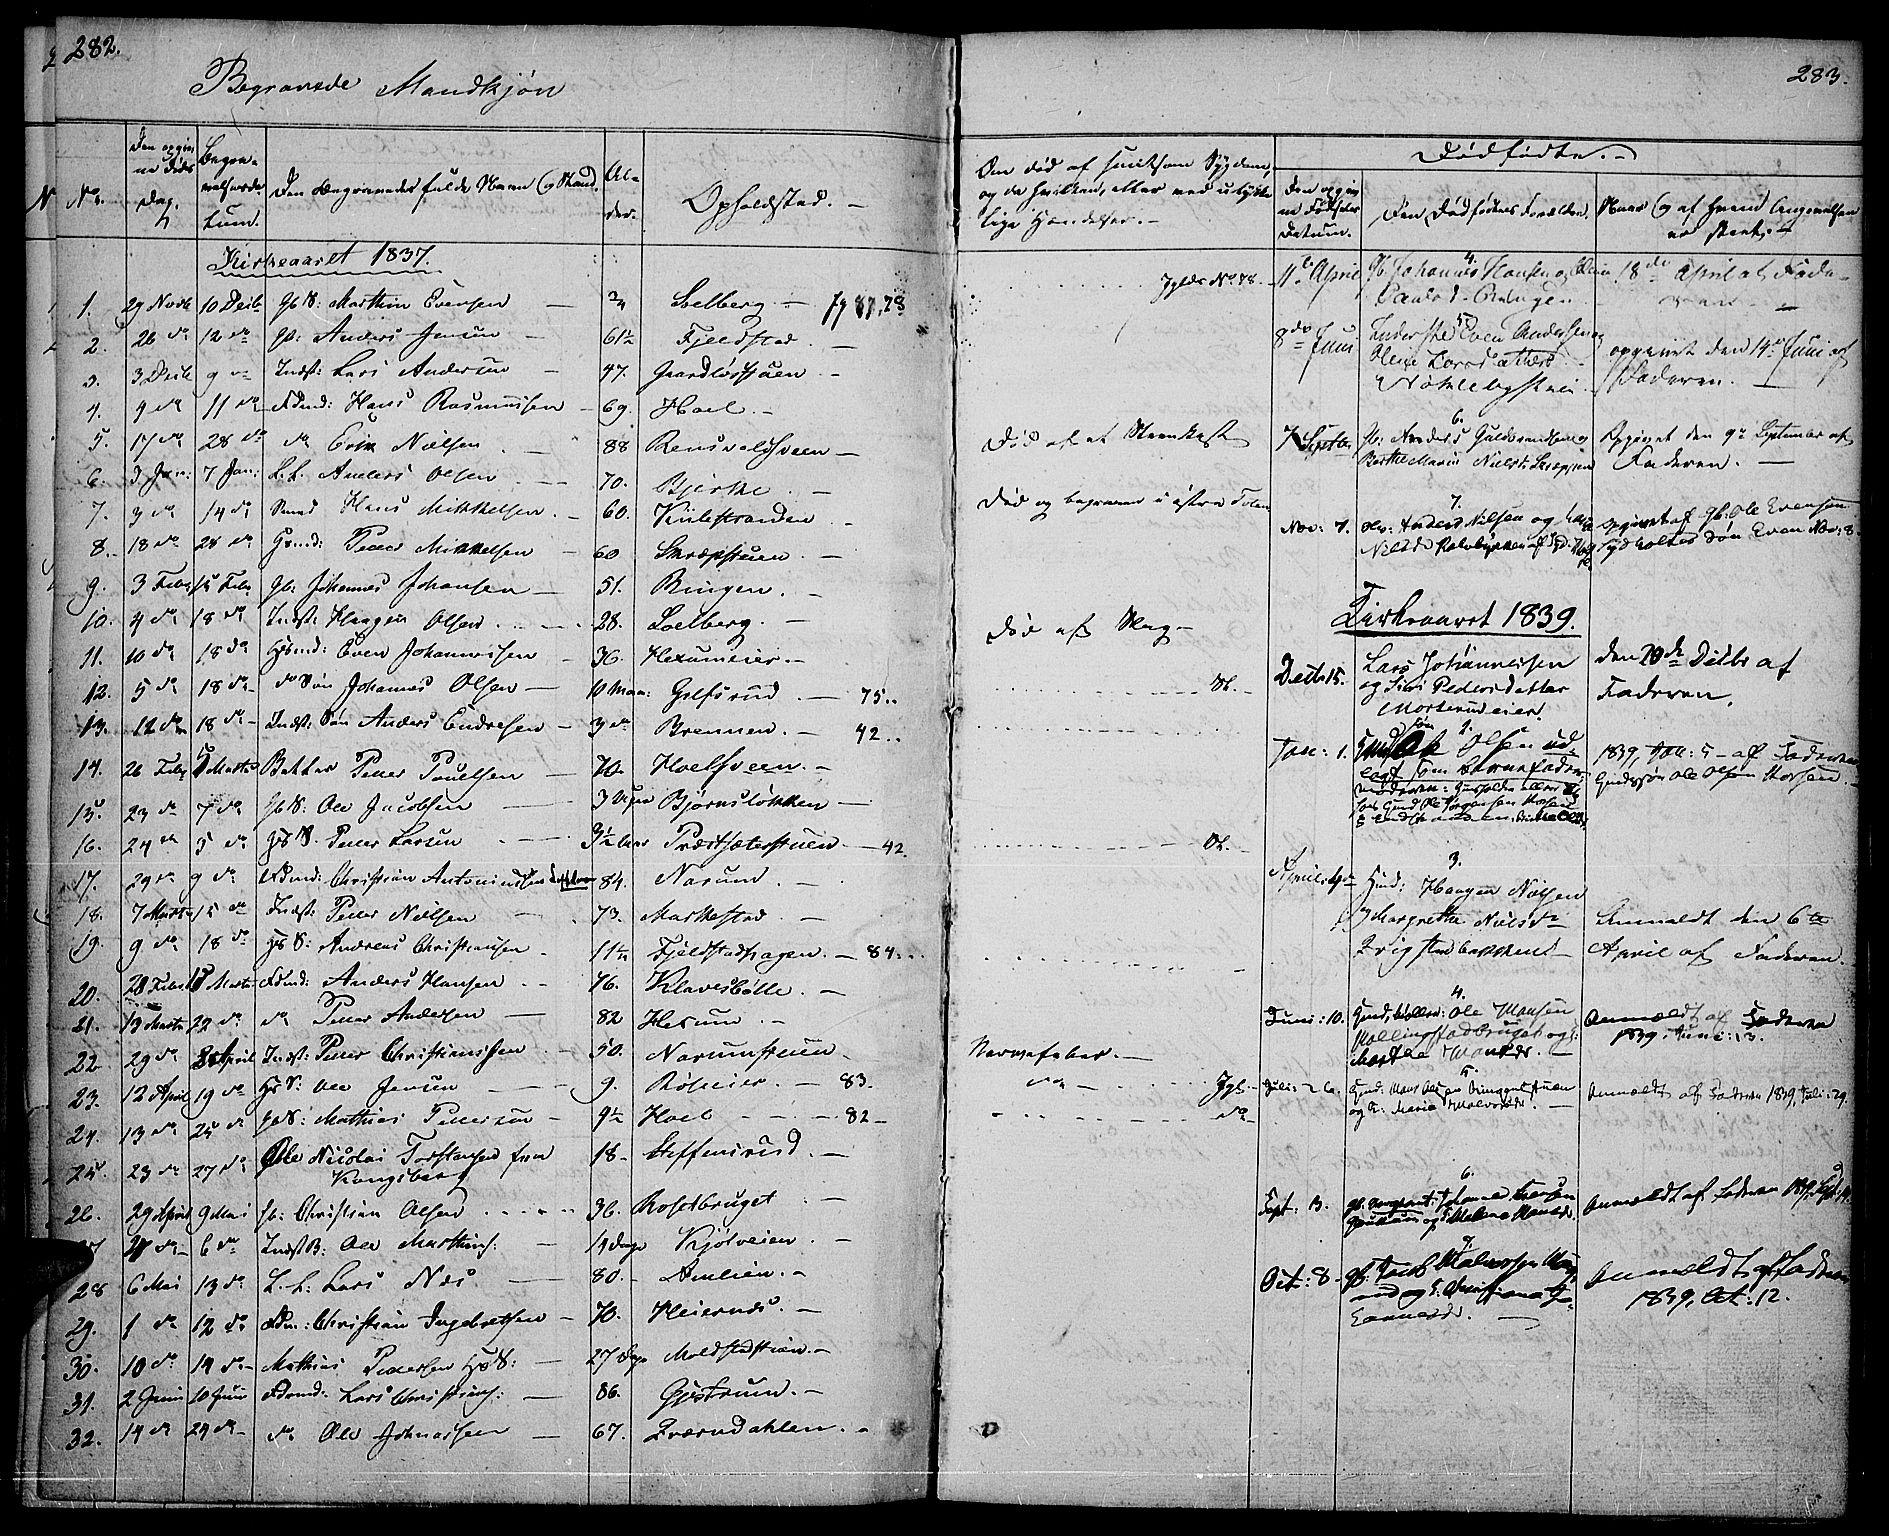 SAH, Vestre Toten prestekontor, Ministerialbok nr. 3, 1836-1843, s. 282-283